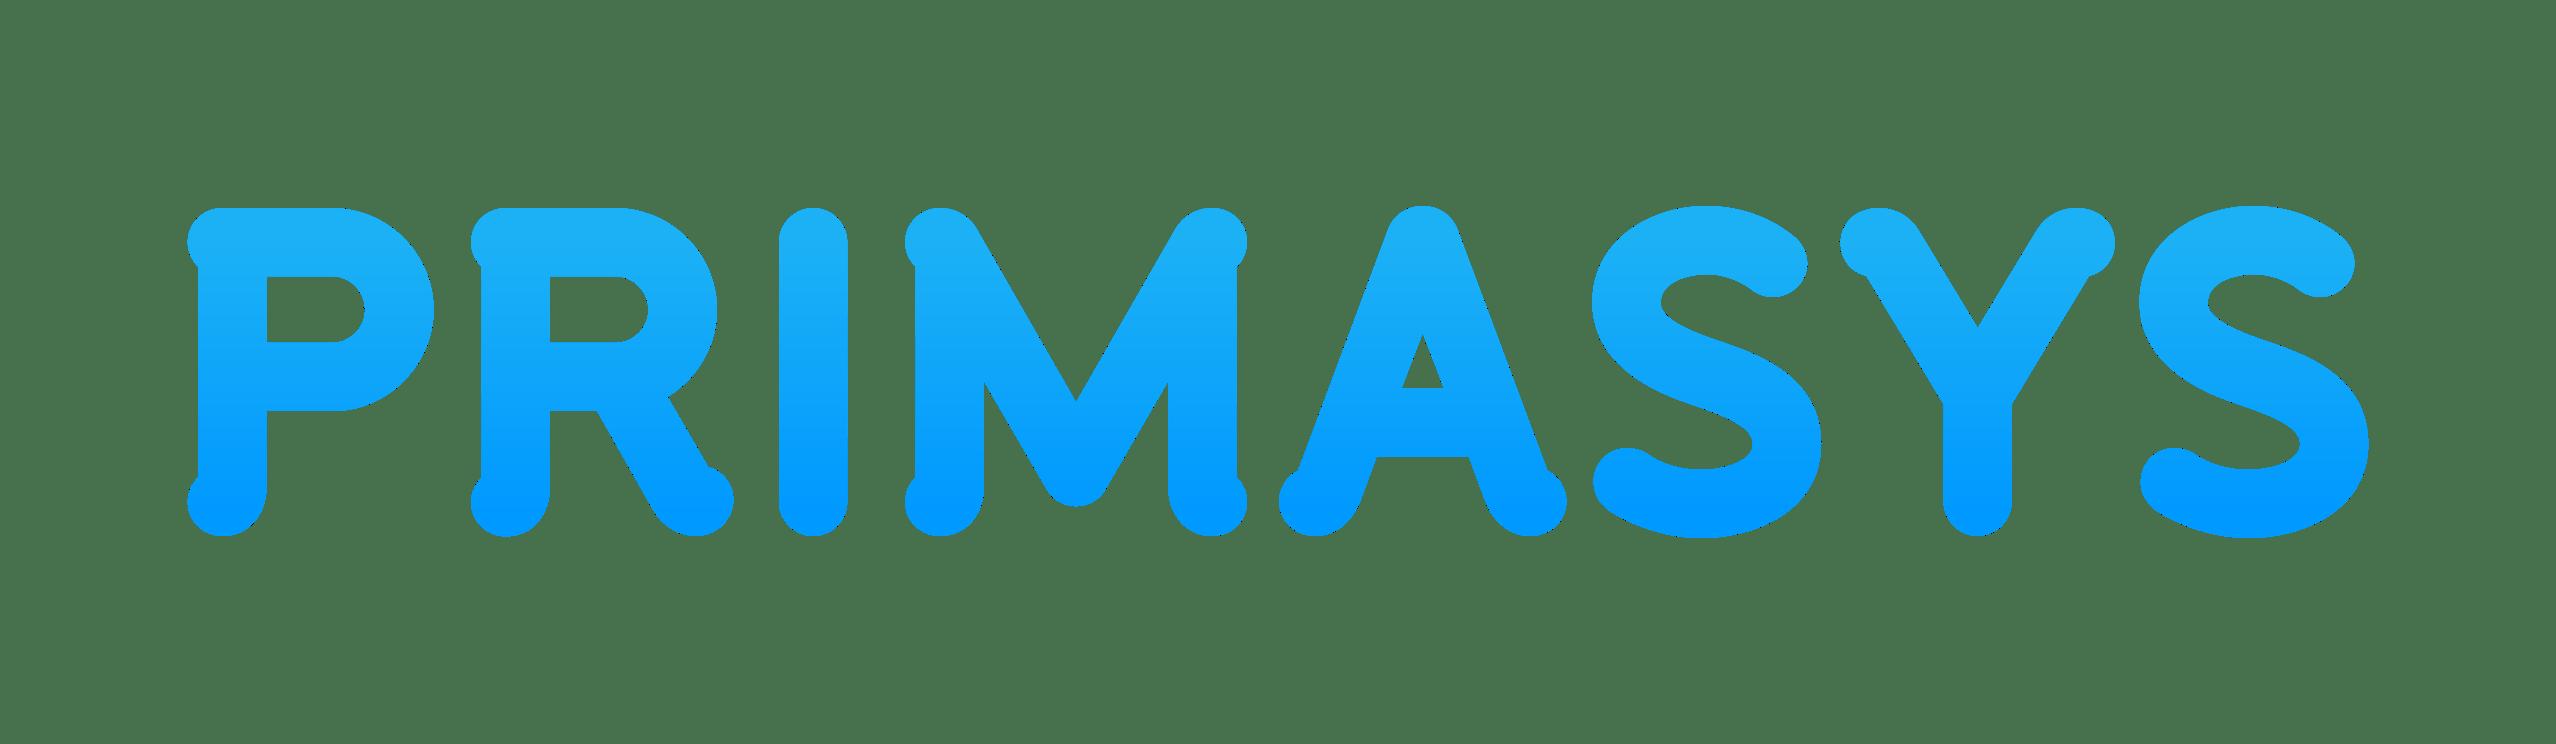 Primasys logo